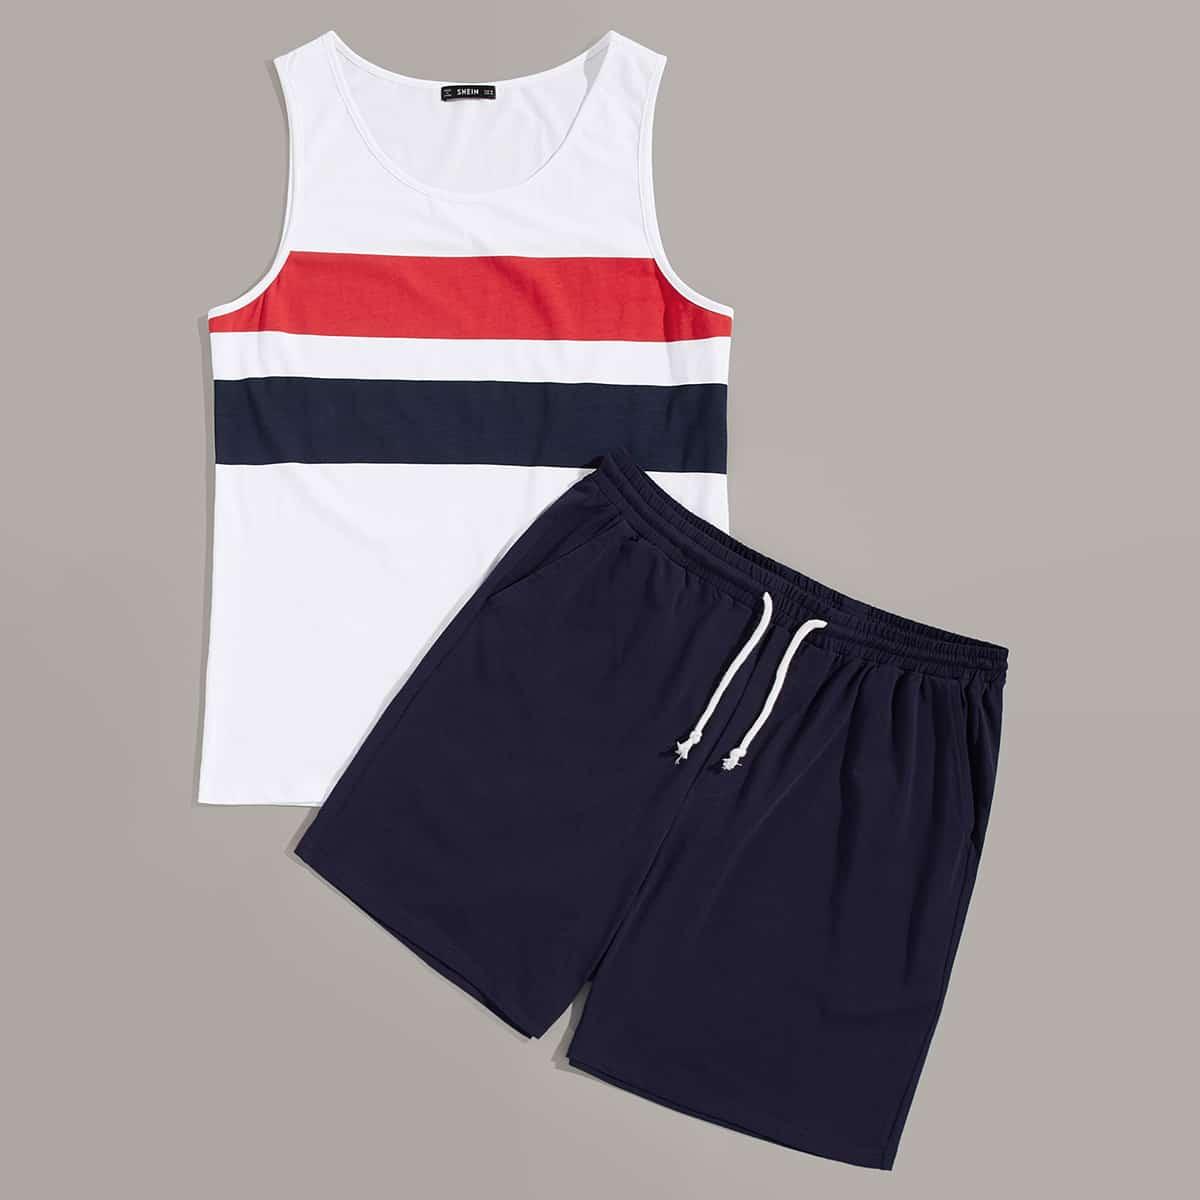 мужской контрастный топ и шорты с карманом комплект от SHEIN